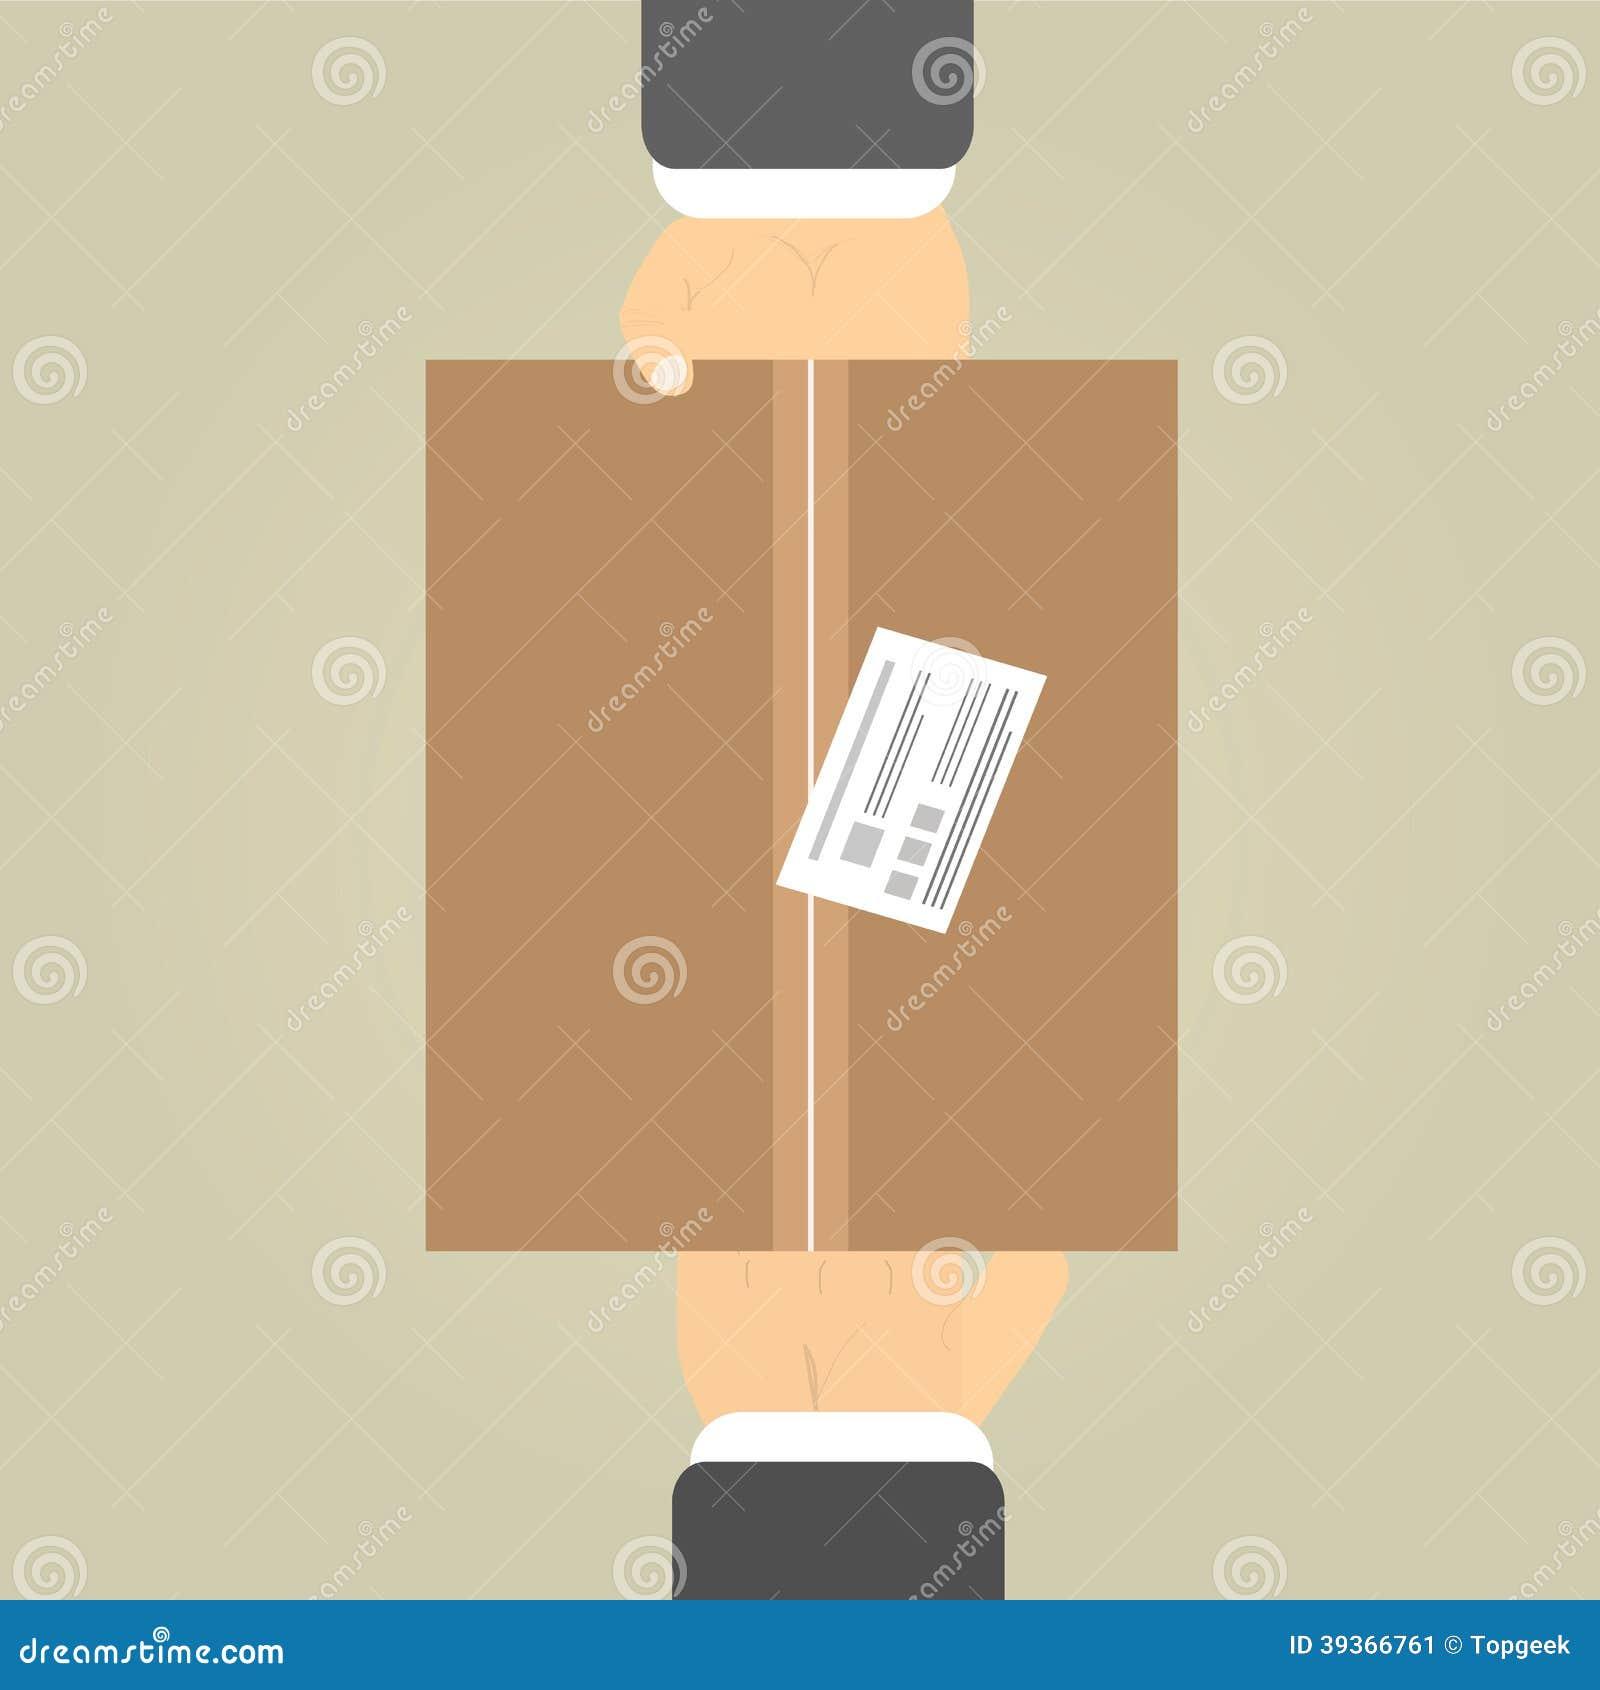 mains pour recevoir un colis illustration de vecteur image 39366761. Black Bedroom Furniture Sets. Home Design Ideas